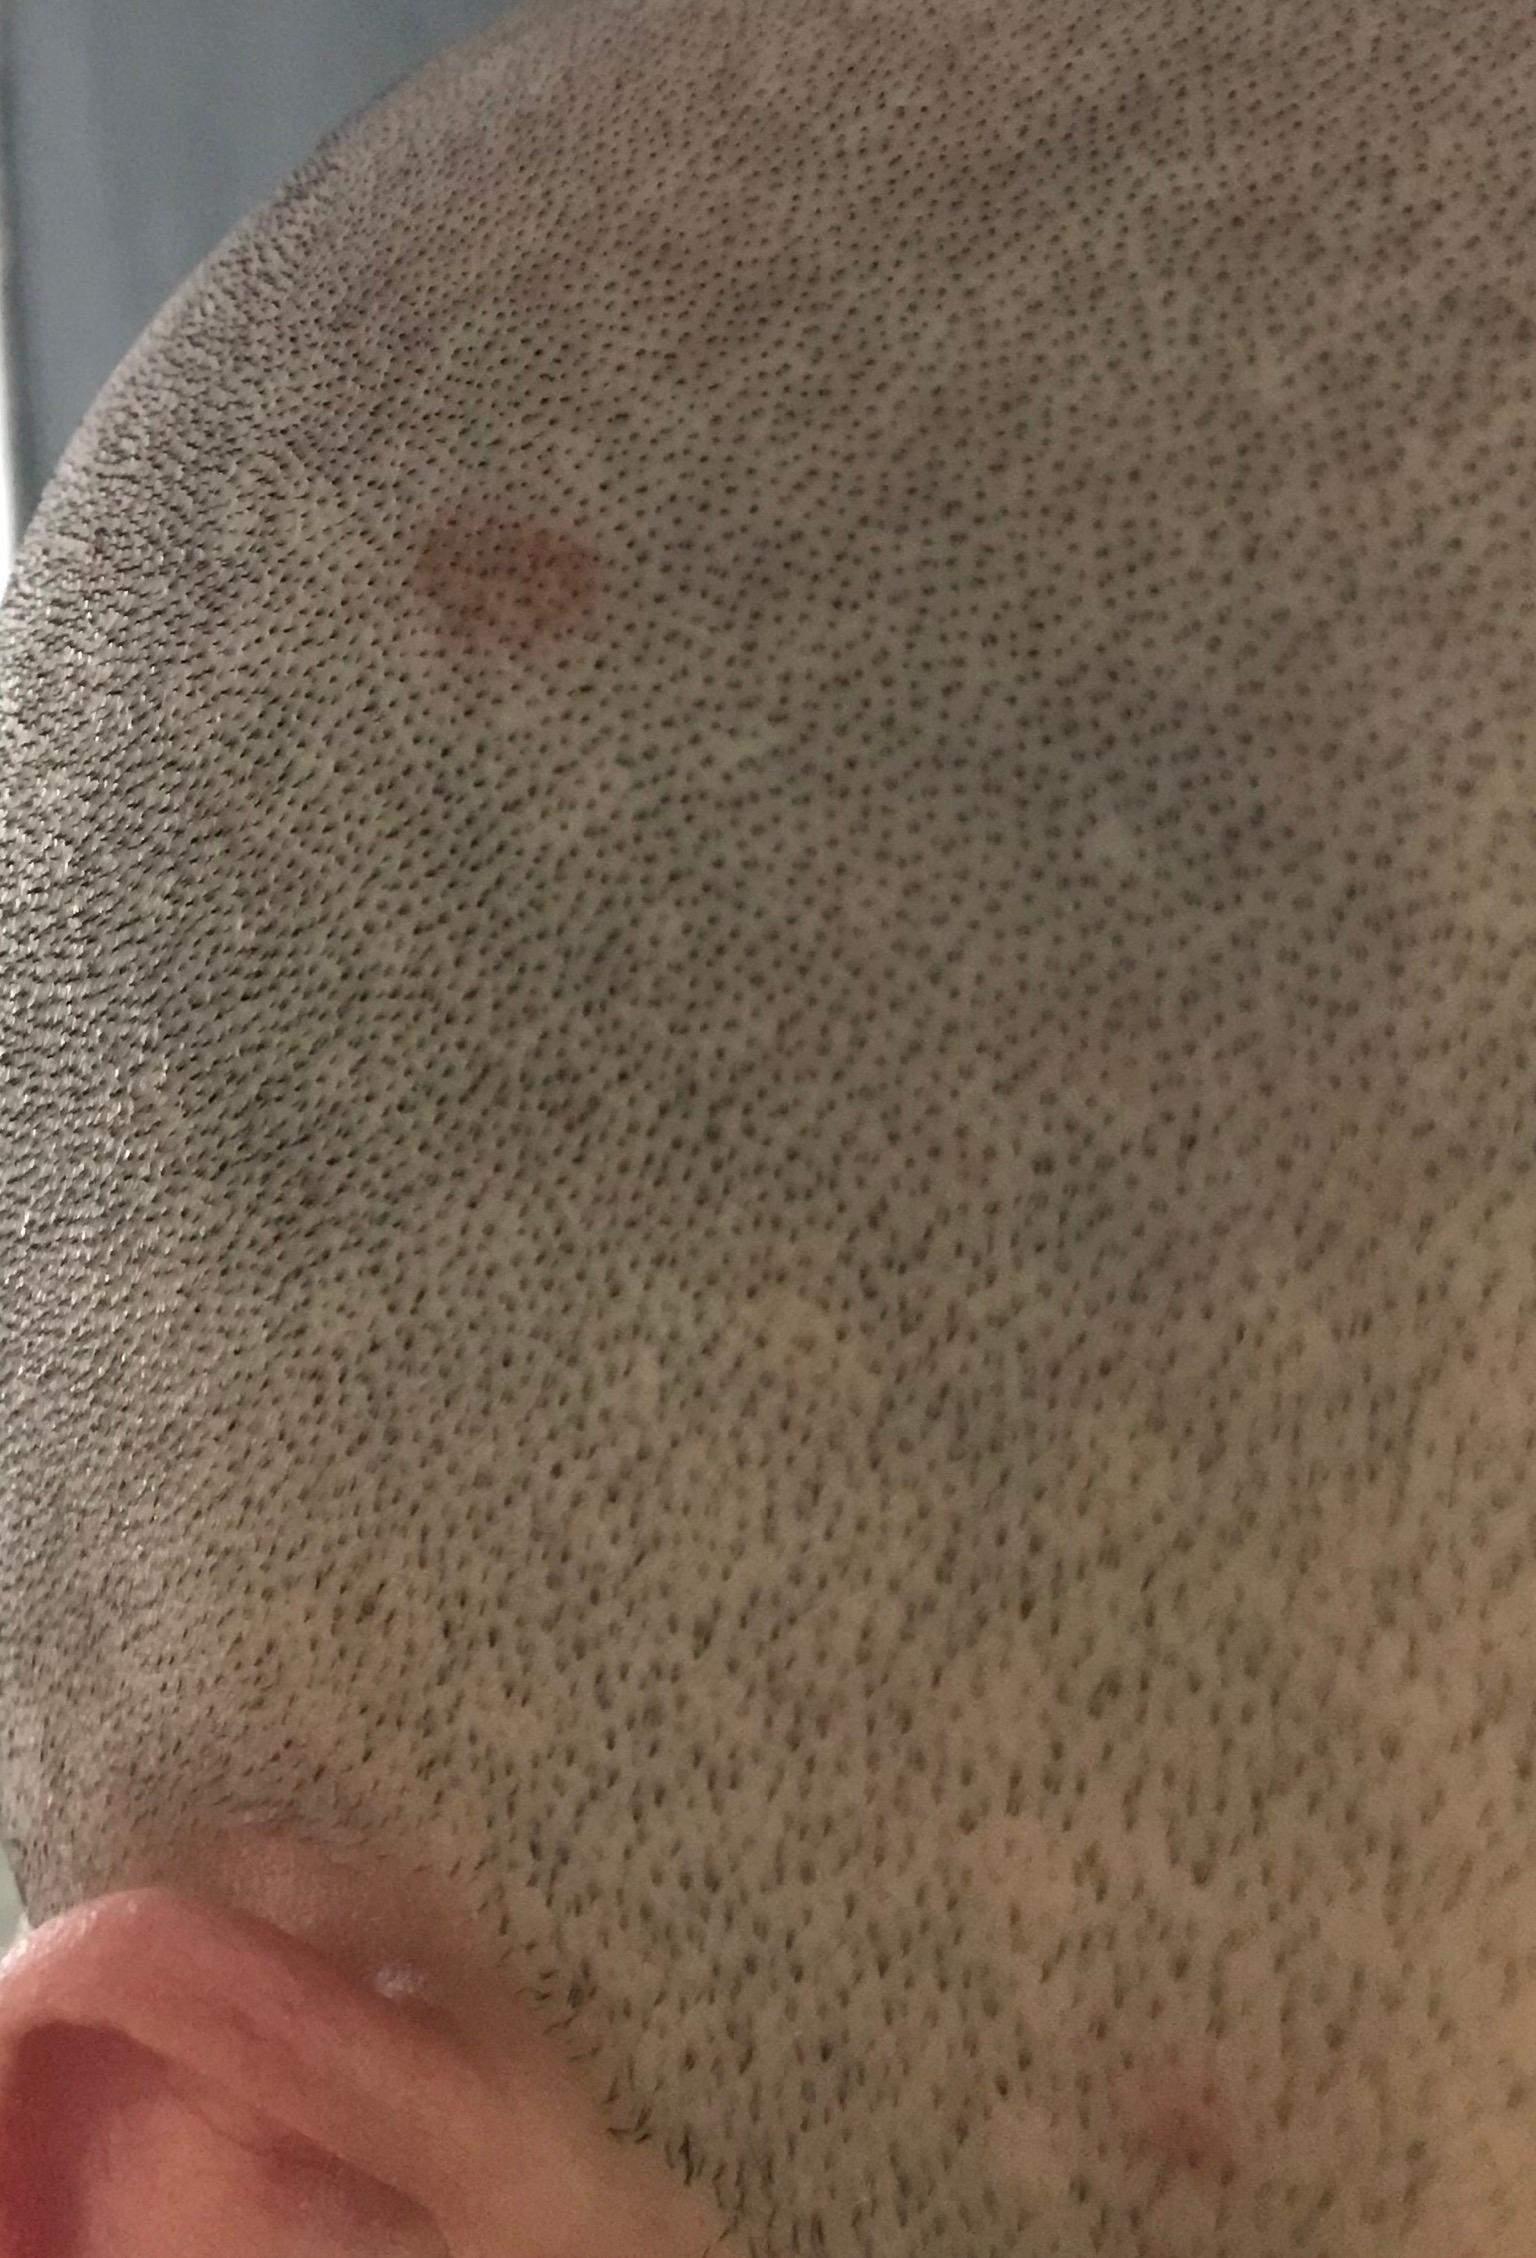 Hatte mich gestern an der Kopfhaut geschnitten - Darf ich